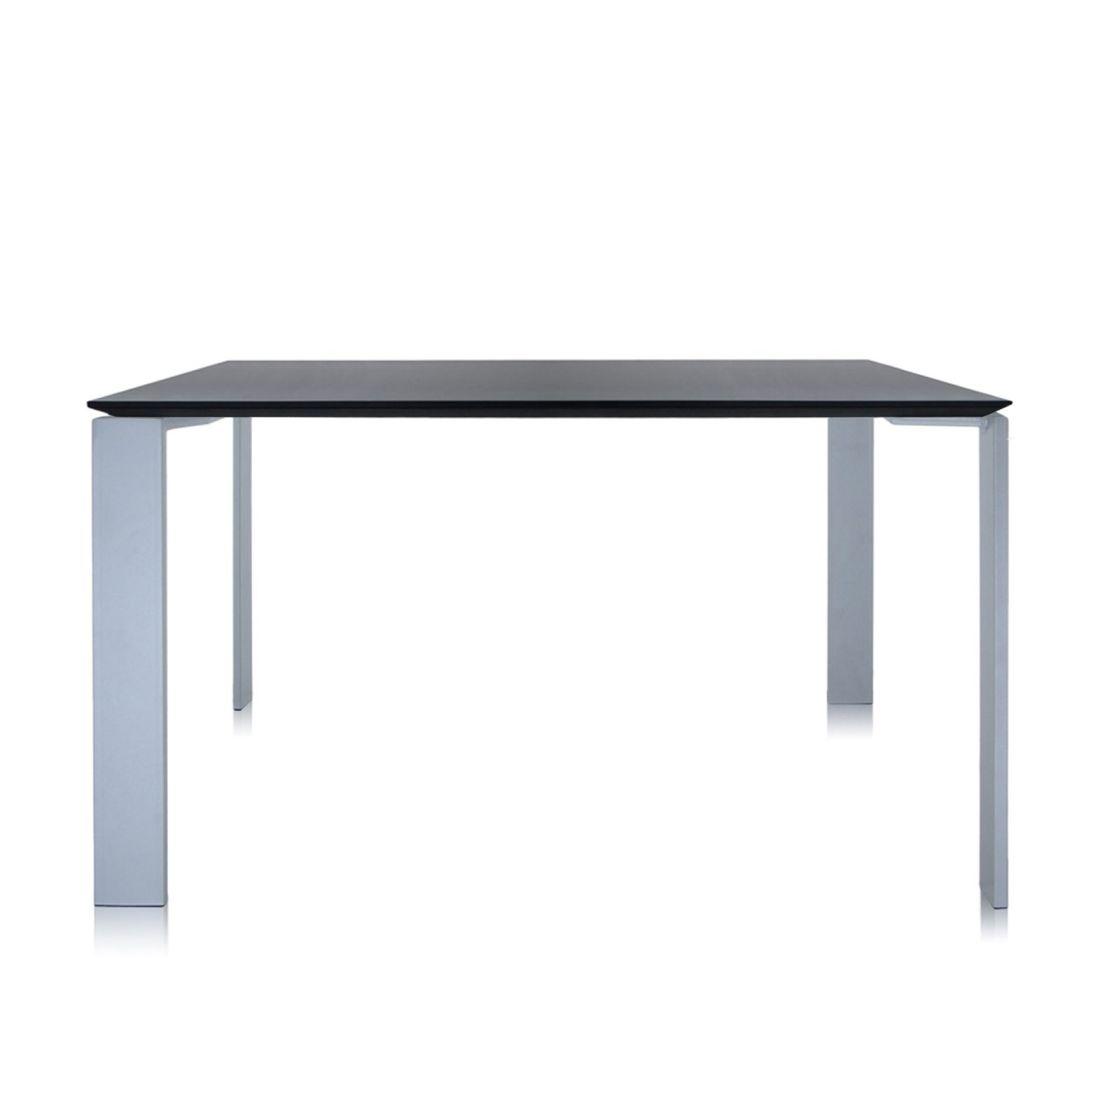 Four Tisch 128 x 128 Beine alu, Platte schwarz